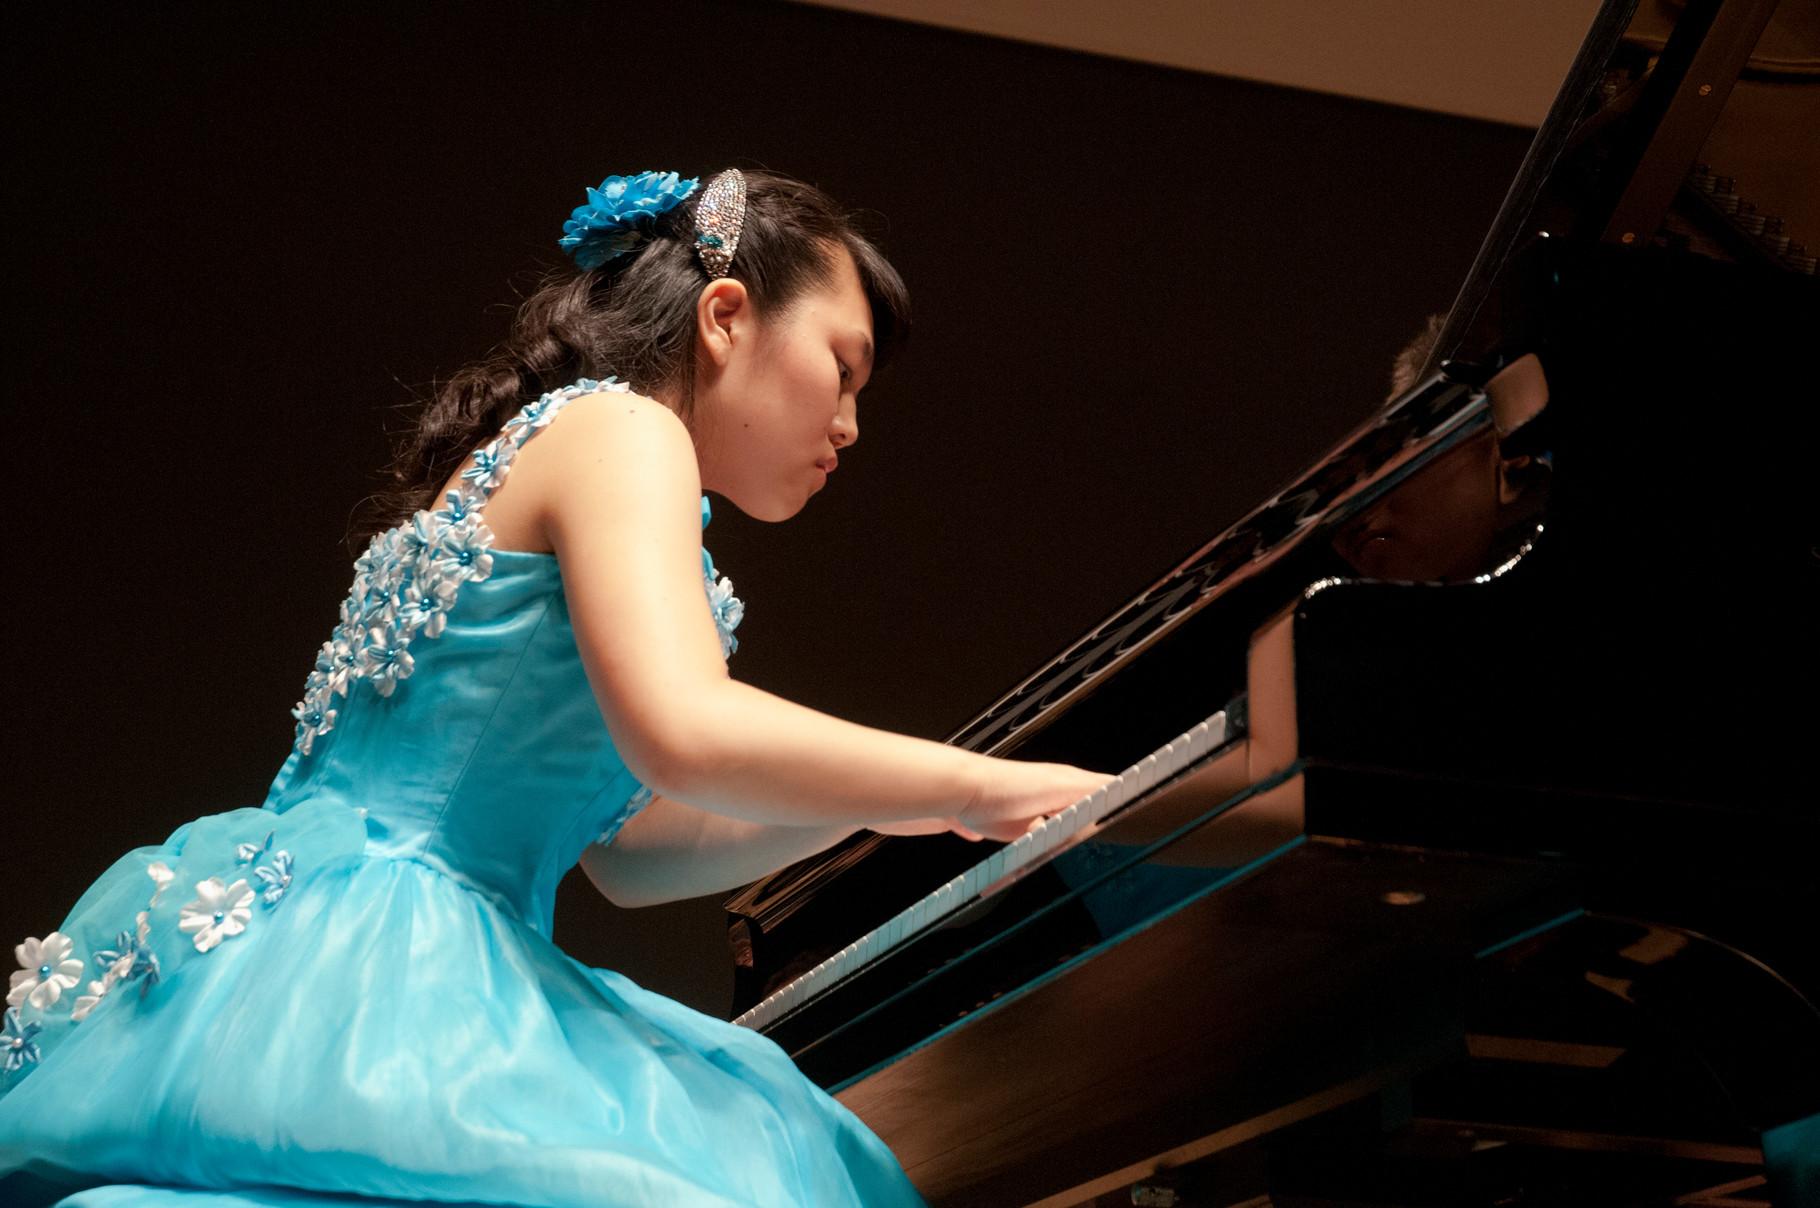 自分の音楽をオーケストラに、観客に真剣に伝えます。